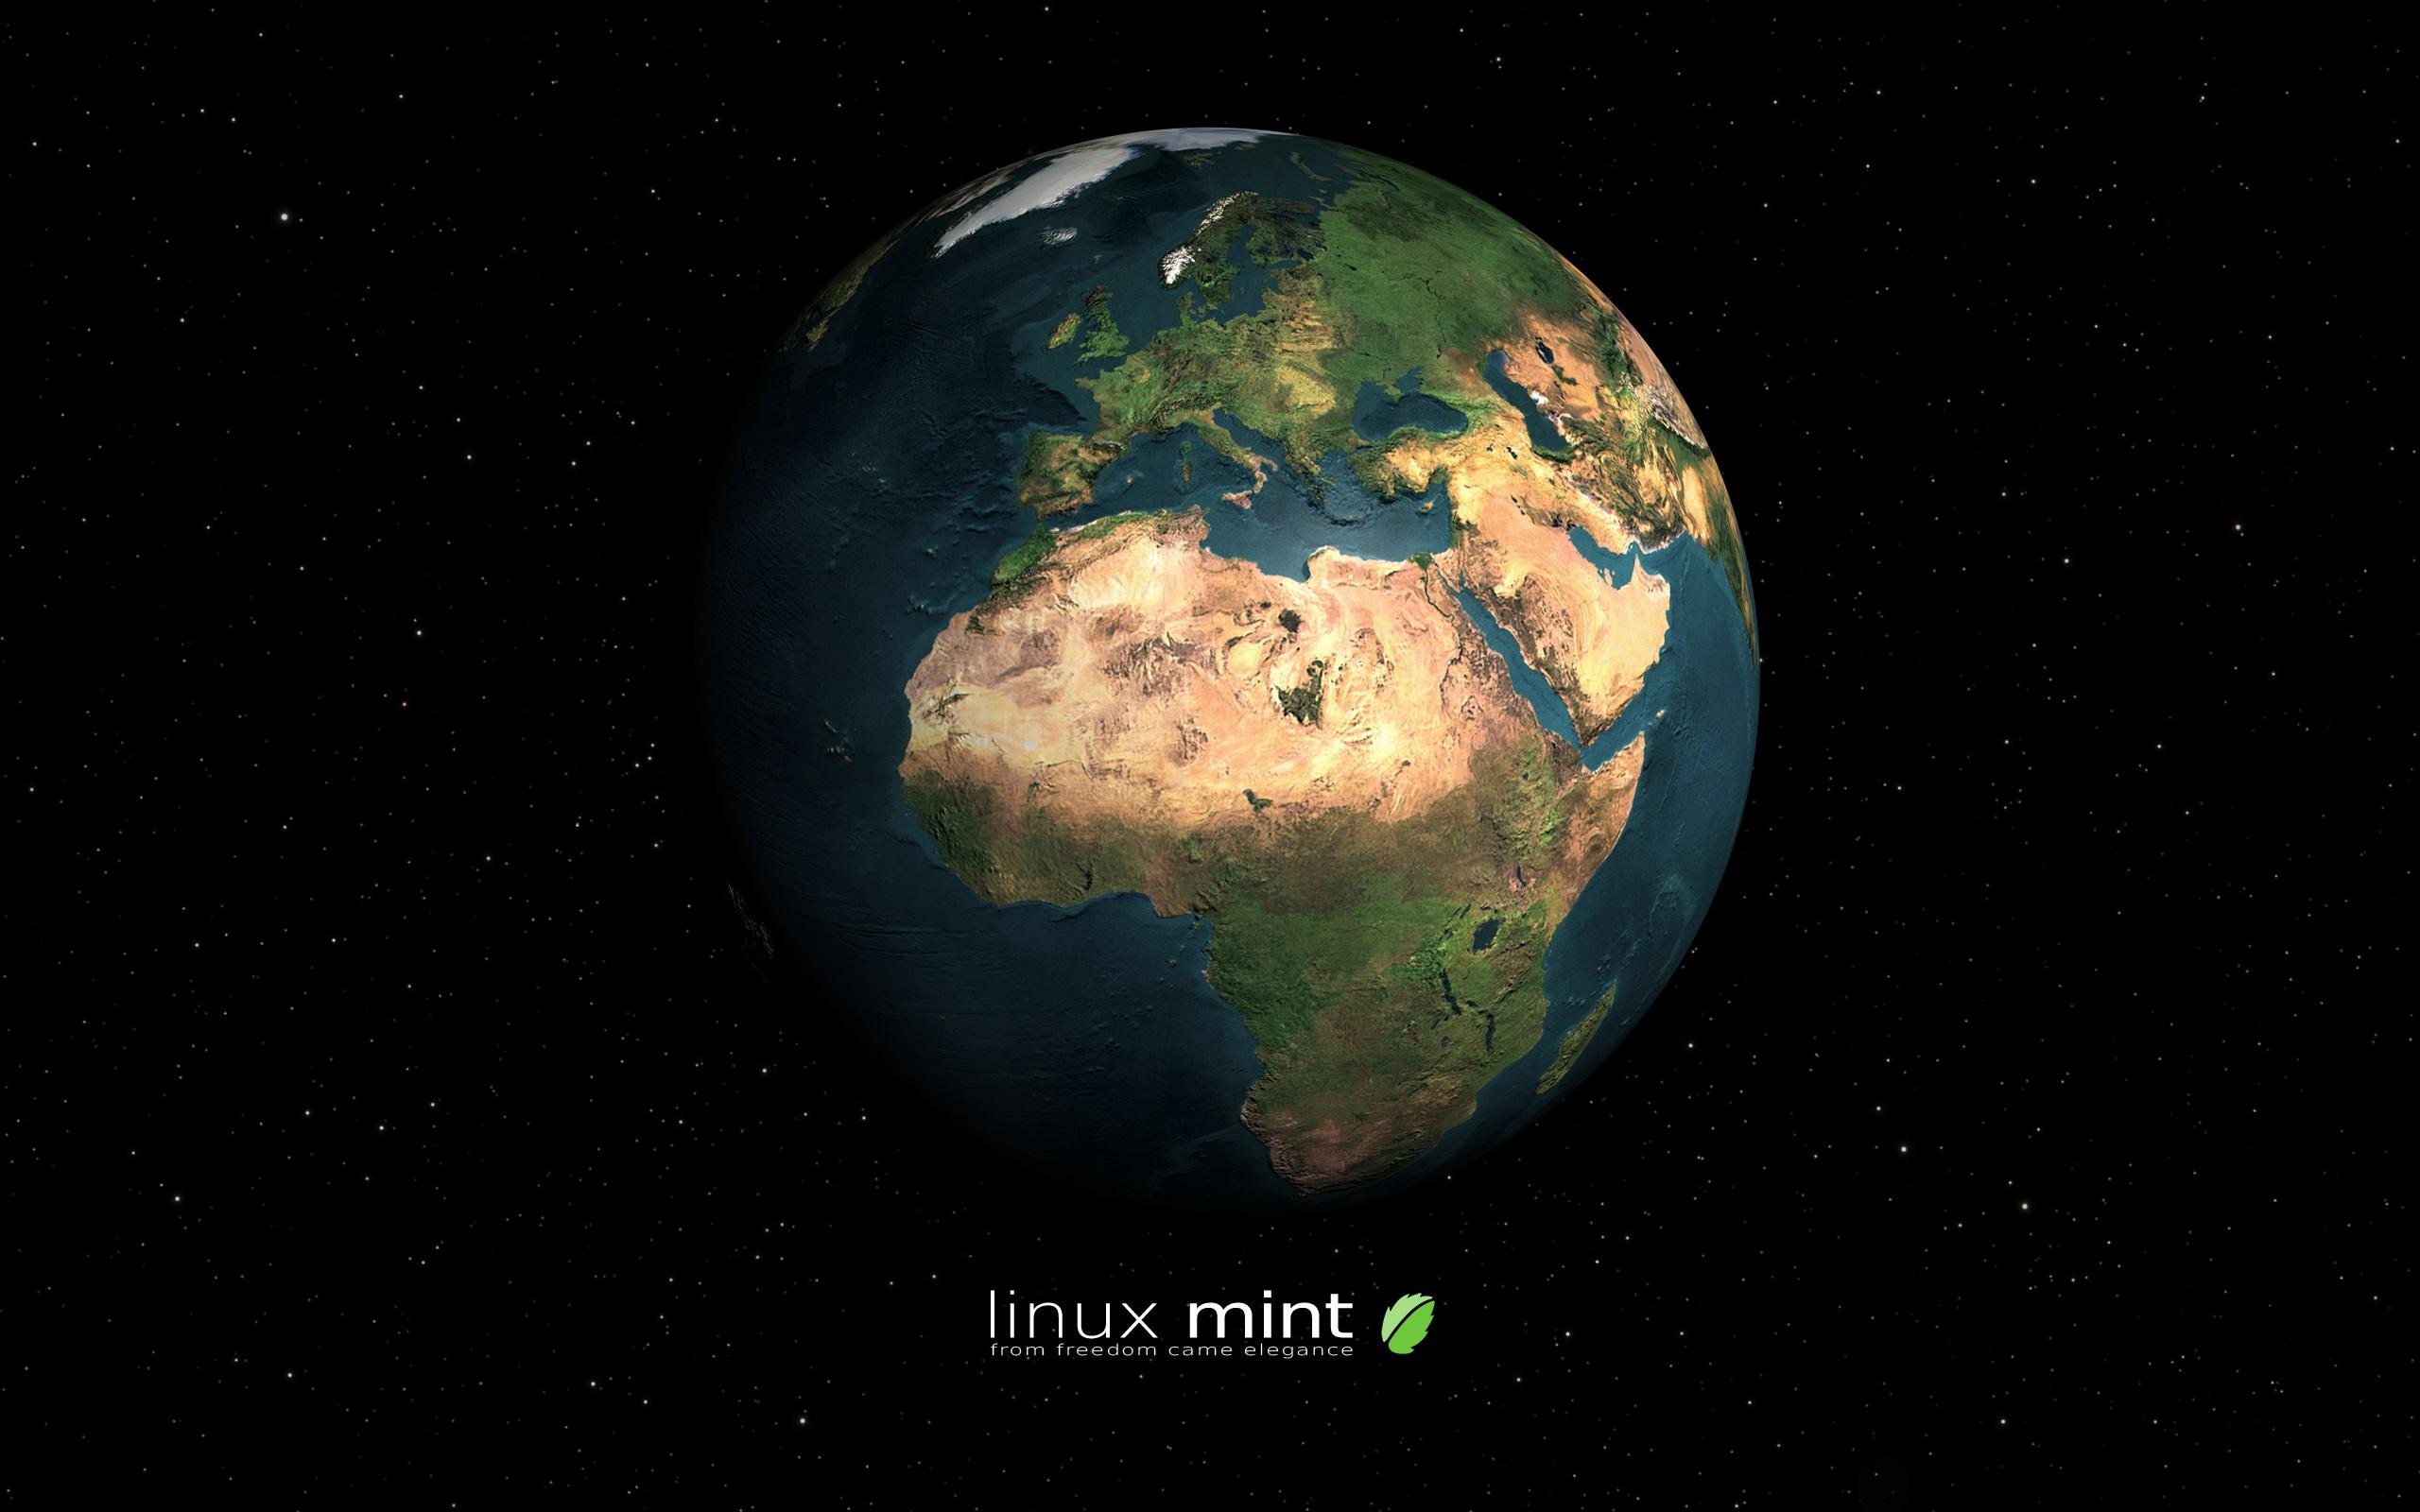 обои линукс минт, линукс, мята, linux mint картинки фото